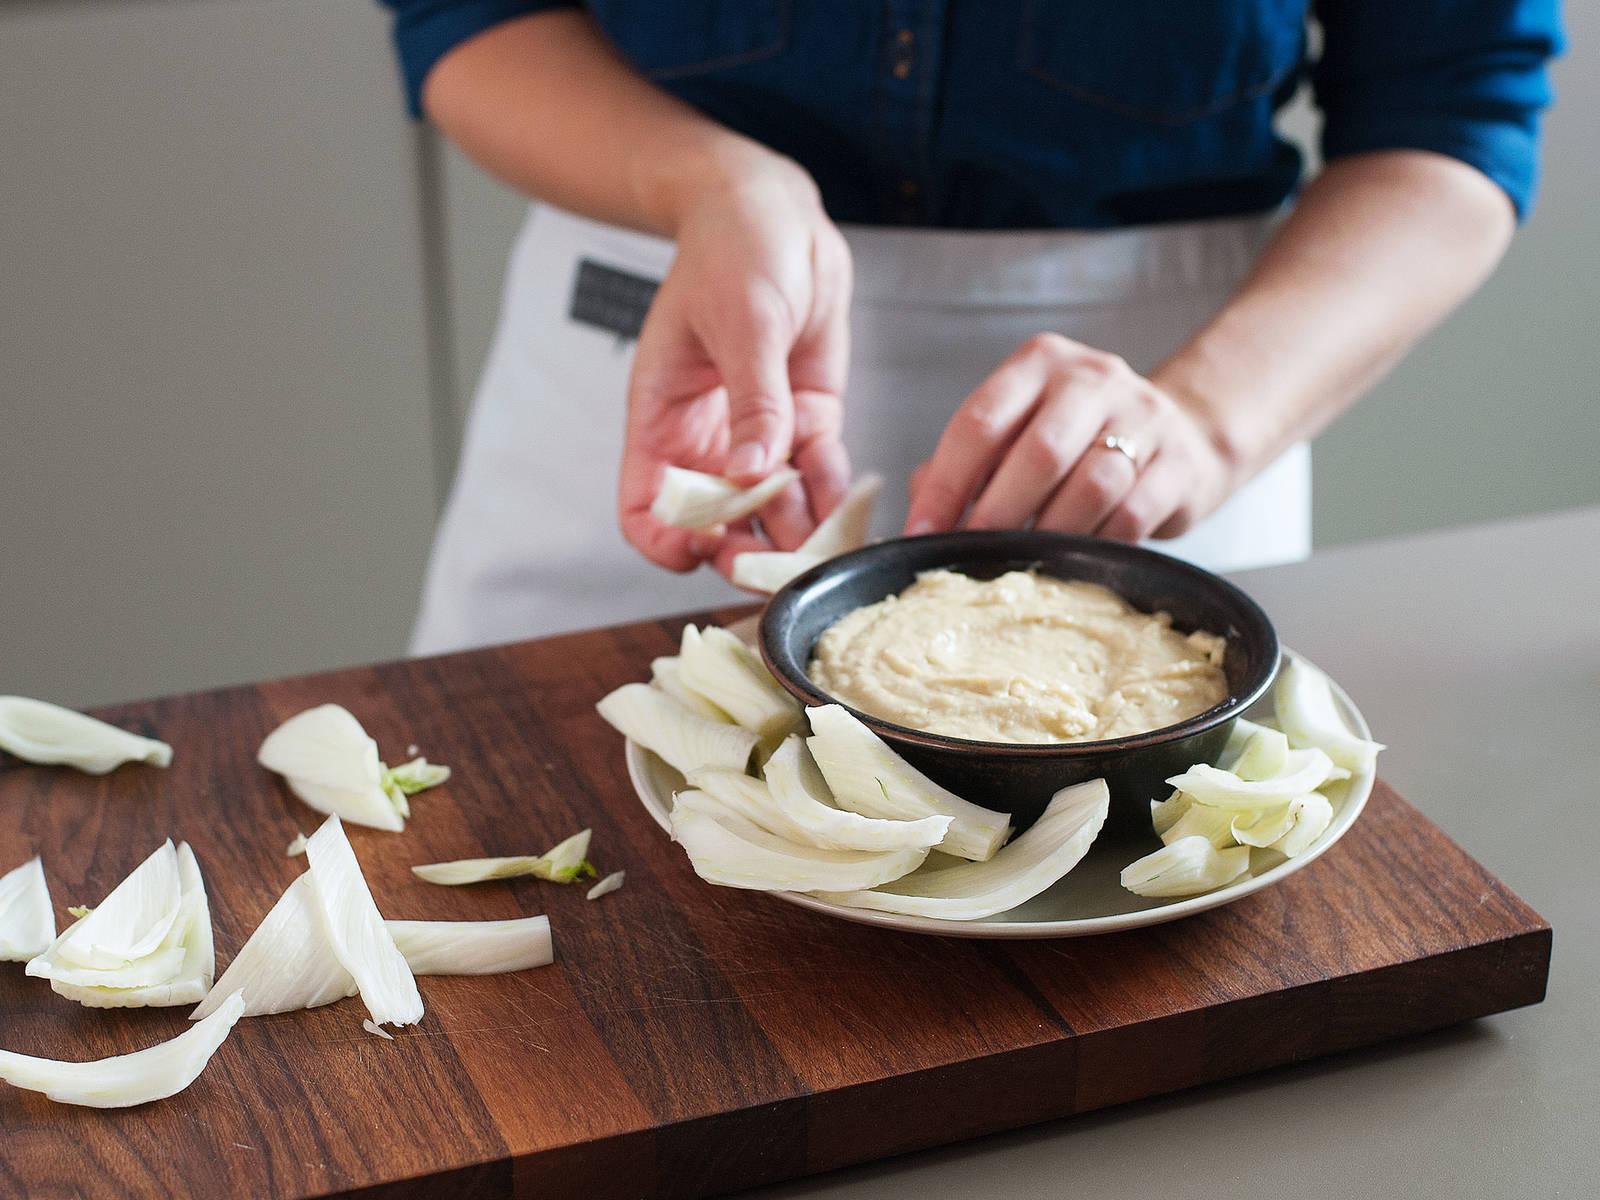 Sobad alles vermengt ist, mit Salz und Pfeffer abschmecken. Dip in eine Servierschale geben und mit Gemüsesticks servieren. Guten Appetit!